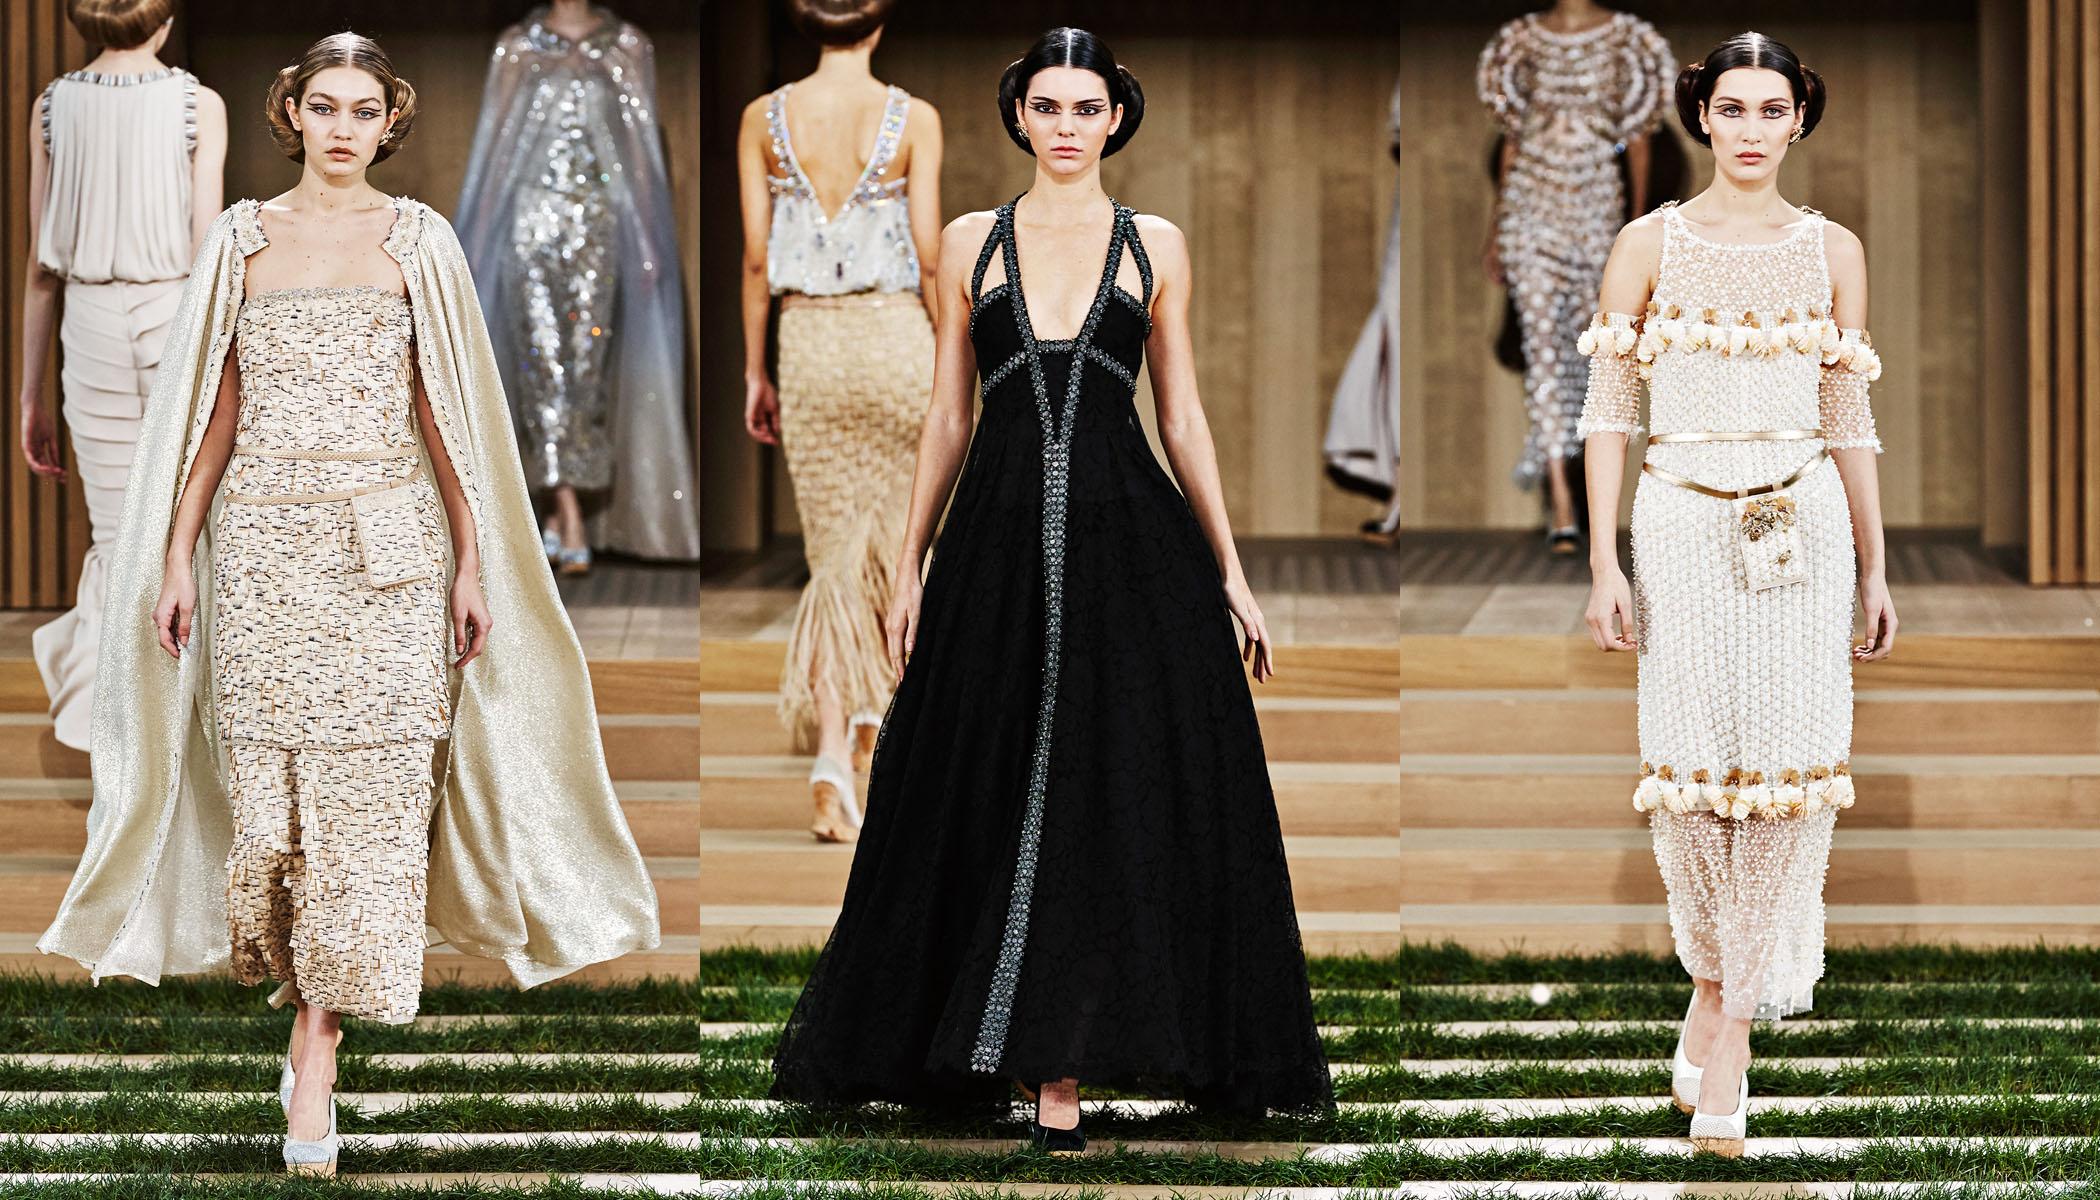 chanel-spring-2016-models